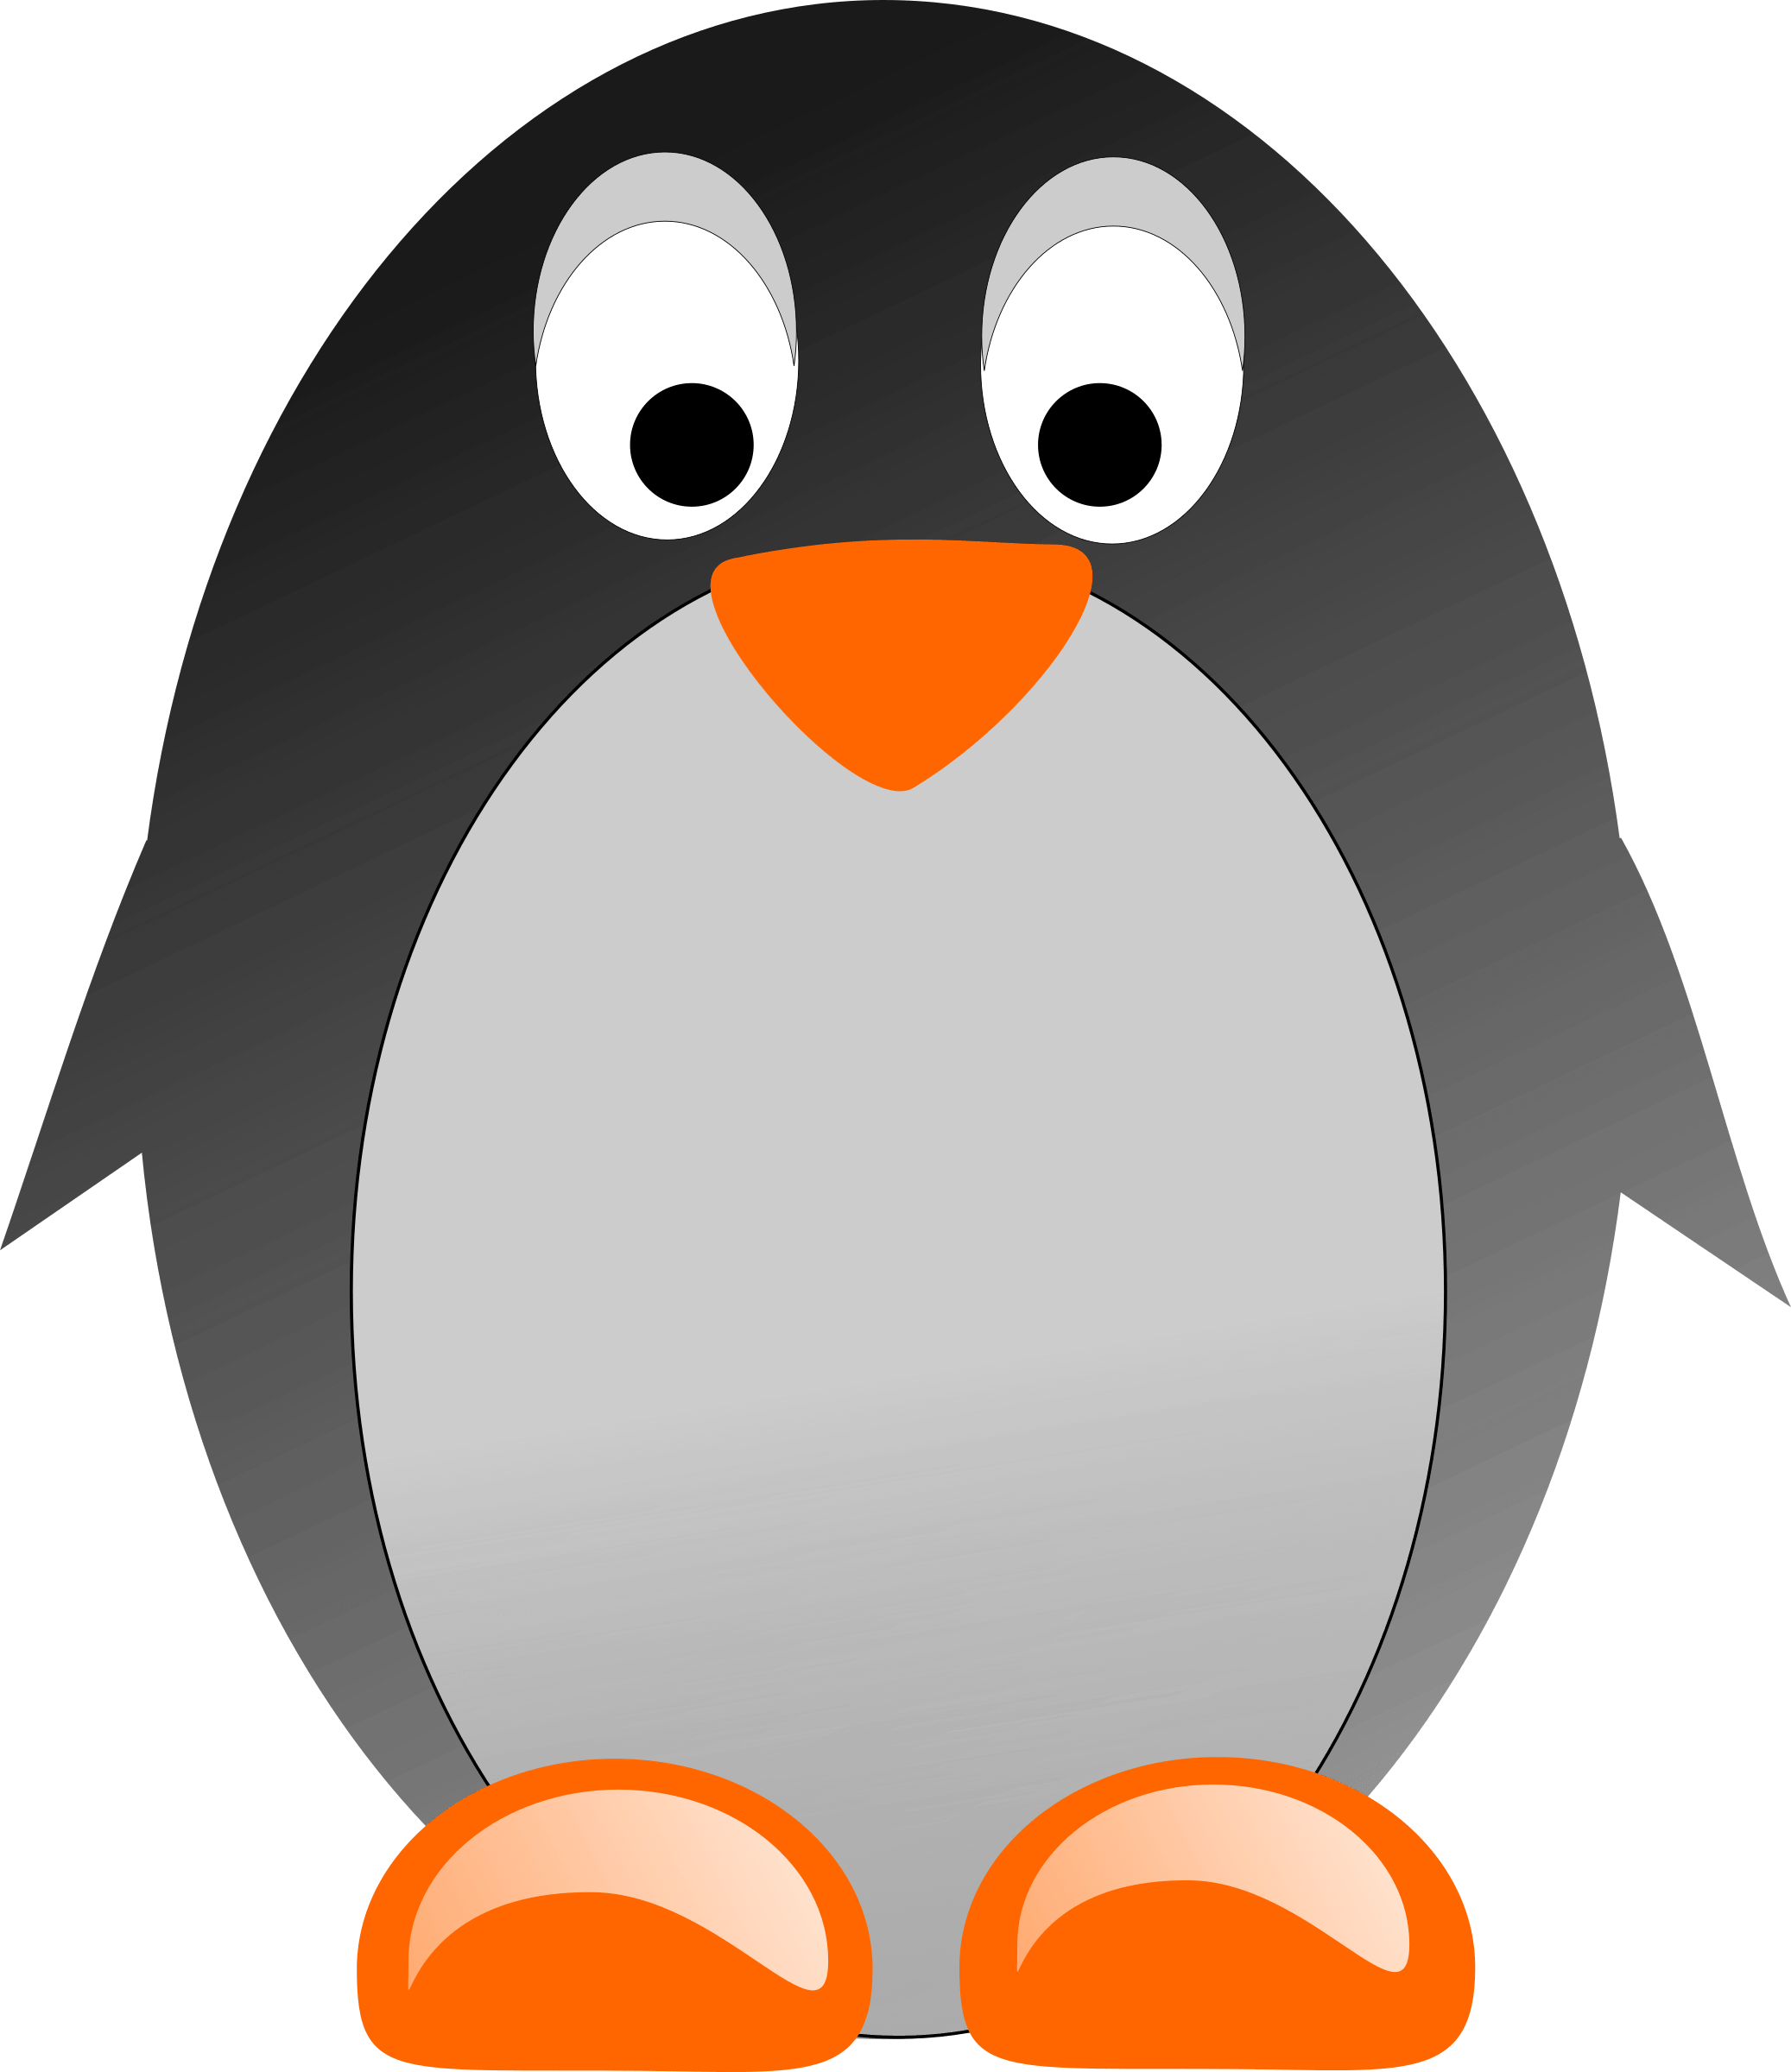 Clipart pinguino 5 » Clipart Portal.